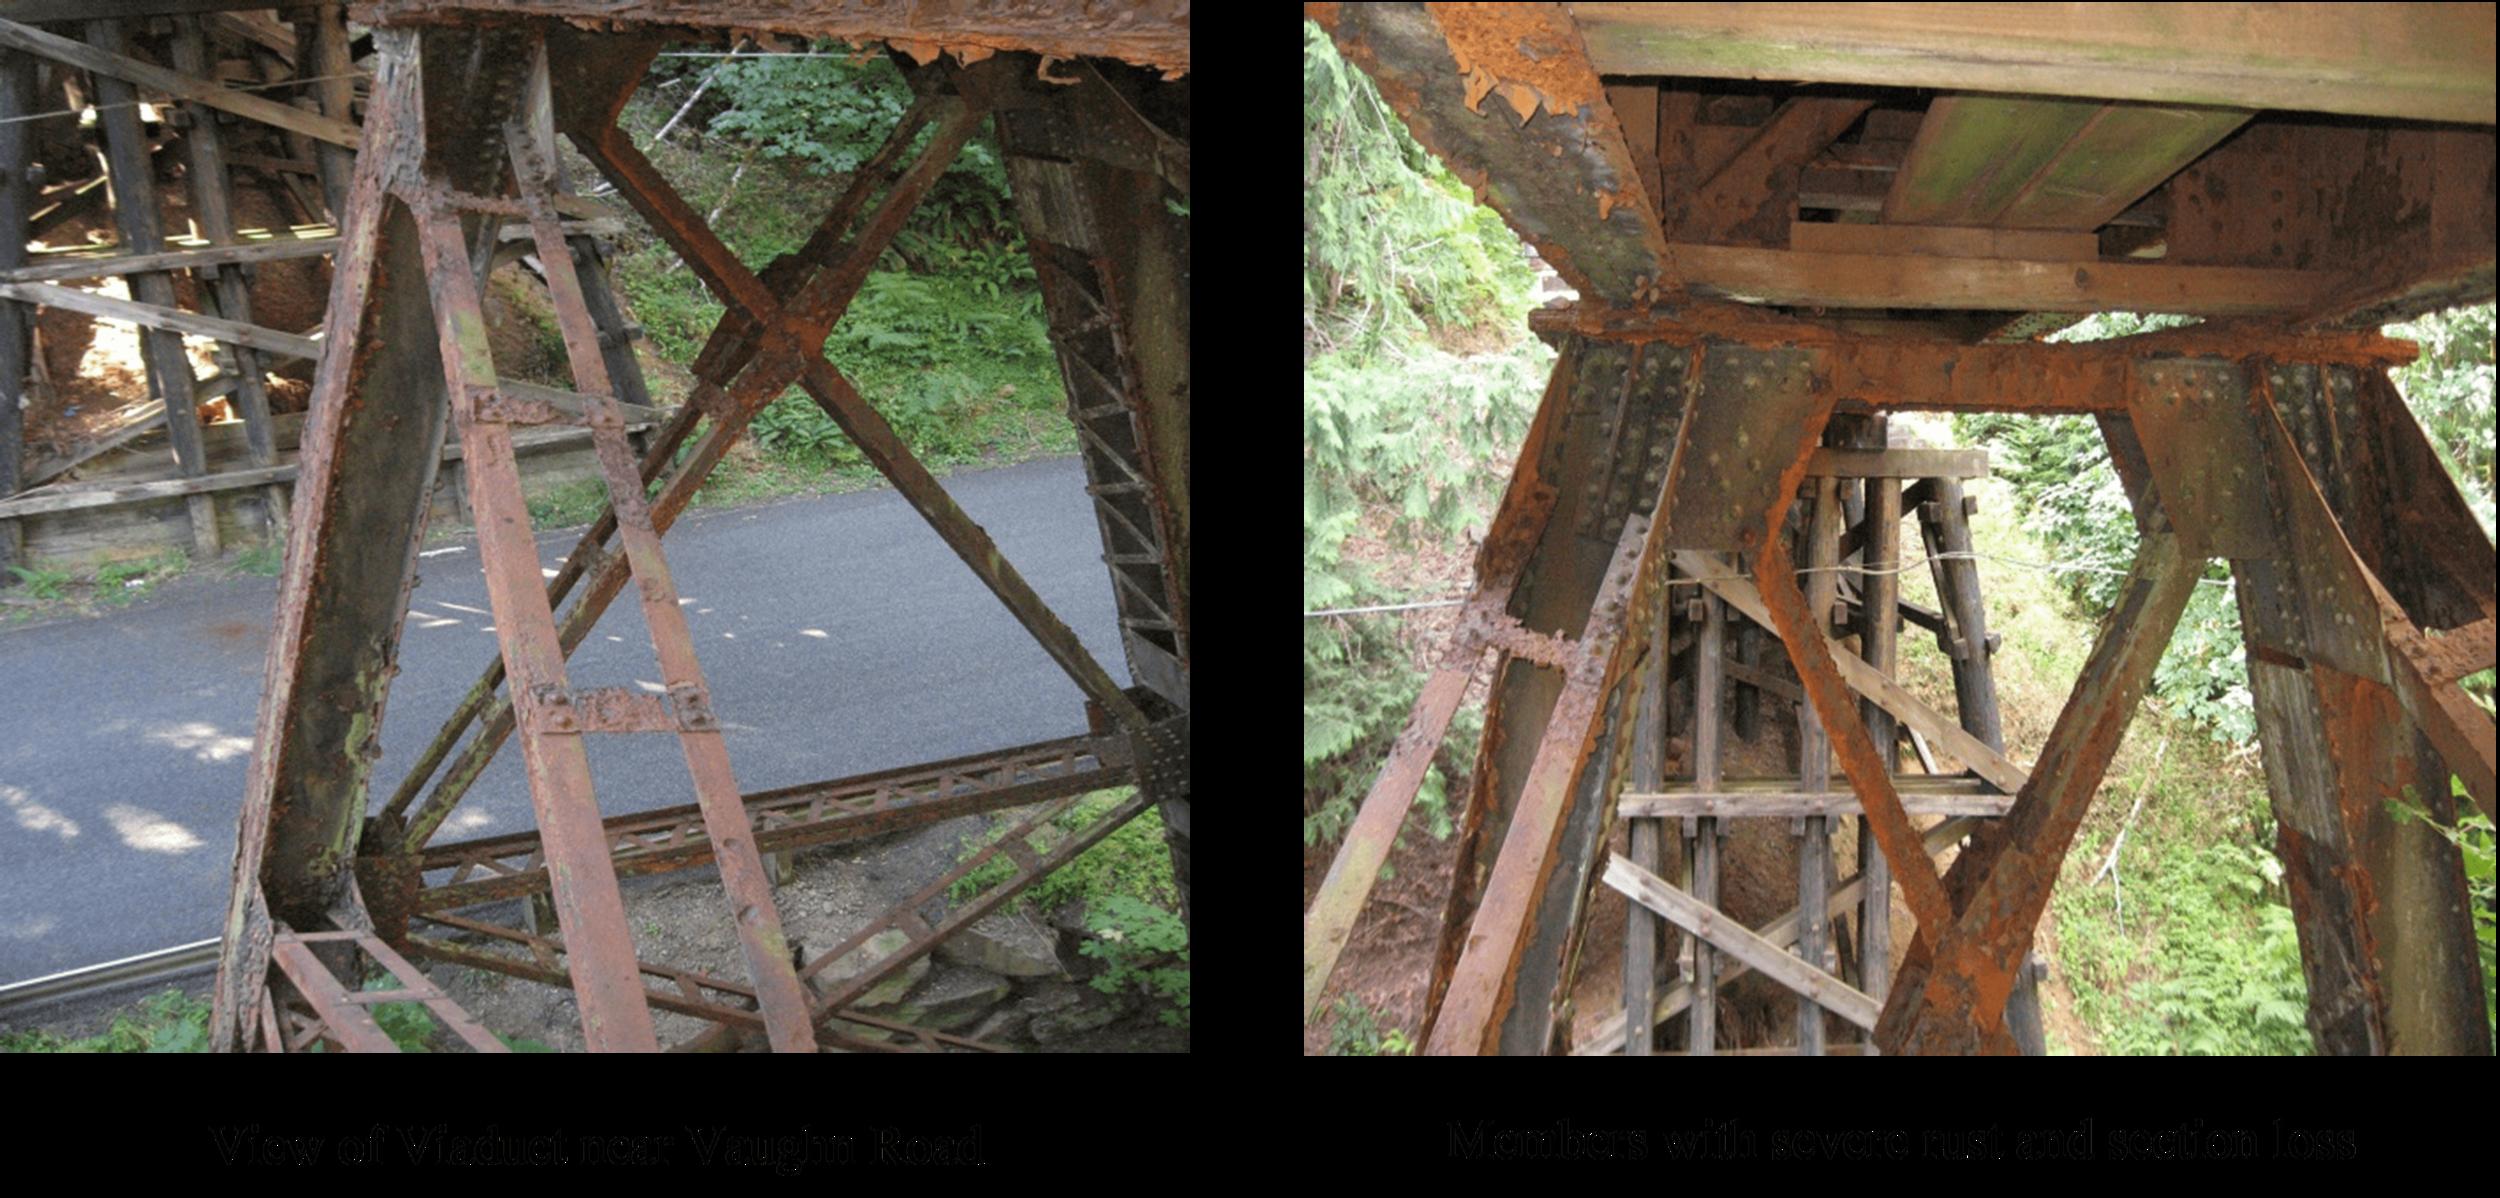 CBR vaughn viaduct bridge